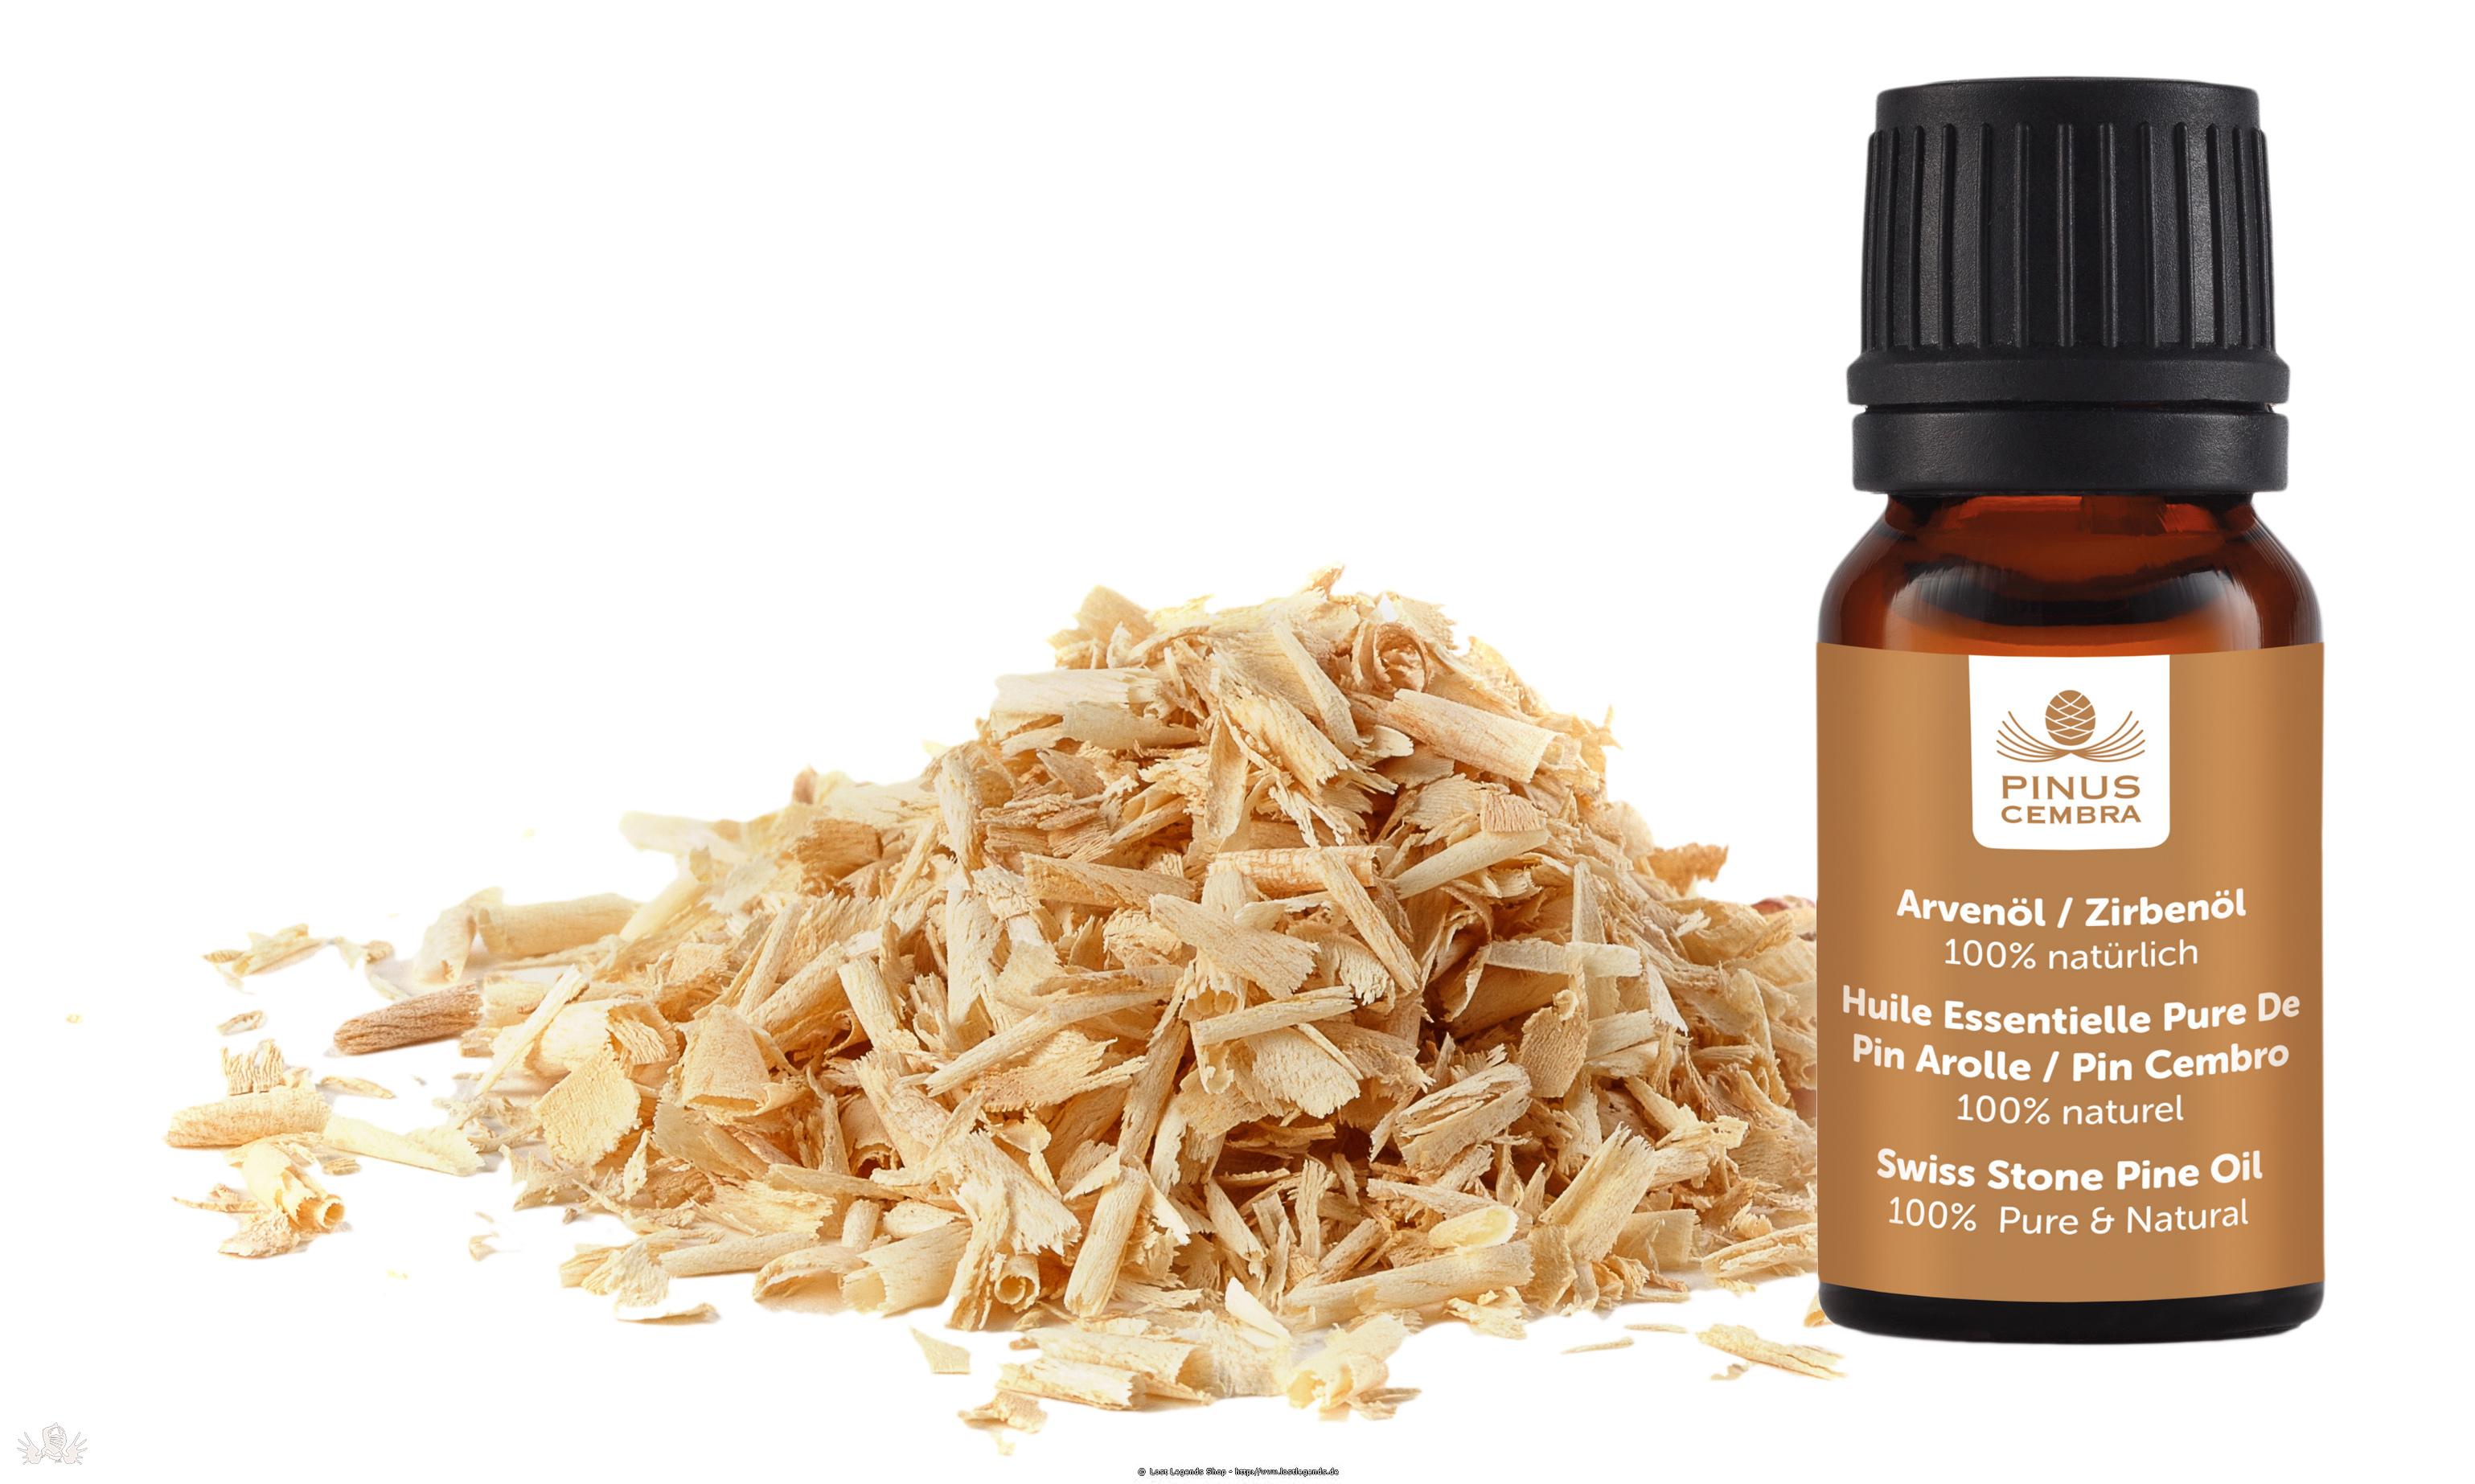 Pine & Globe Nachfüllung Zierbenholzspäne und 10ml Zirbenöl